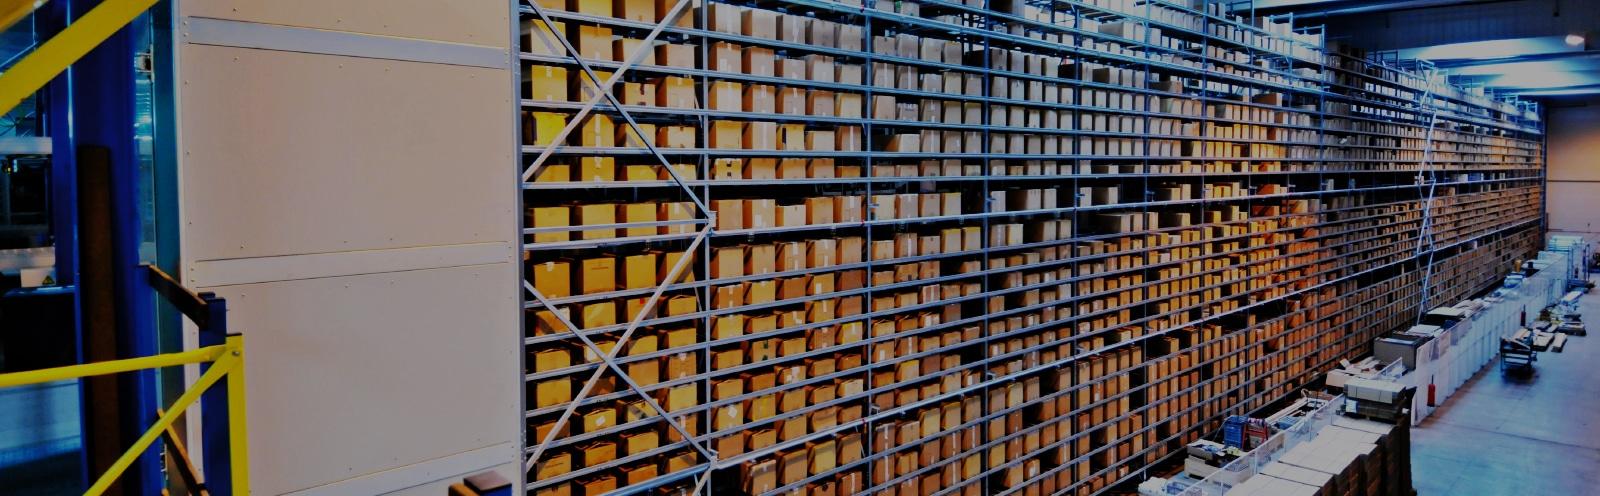 Milliers de colis empilés sur des rayons dans un entrpôt de stockage